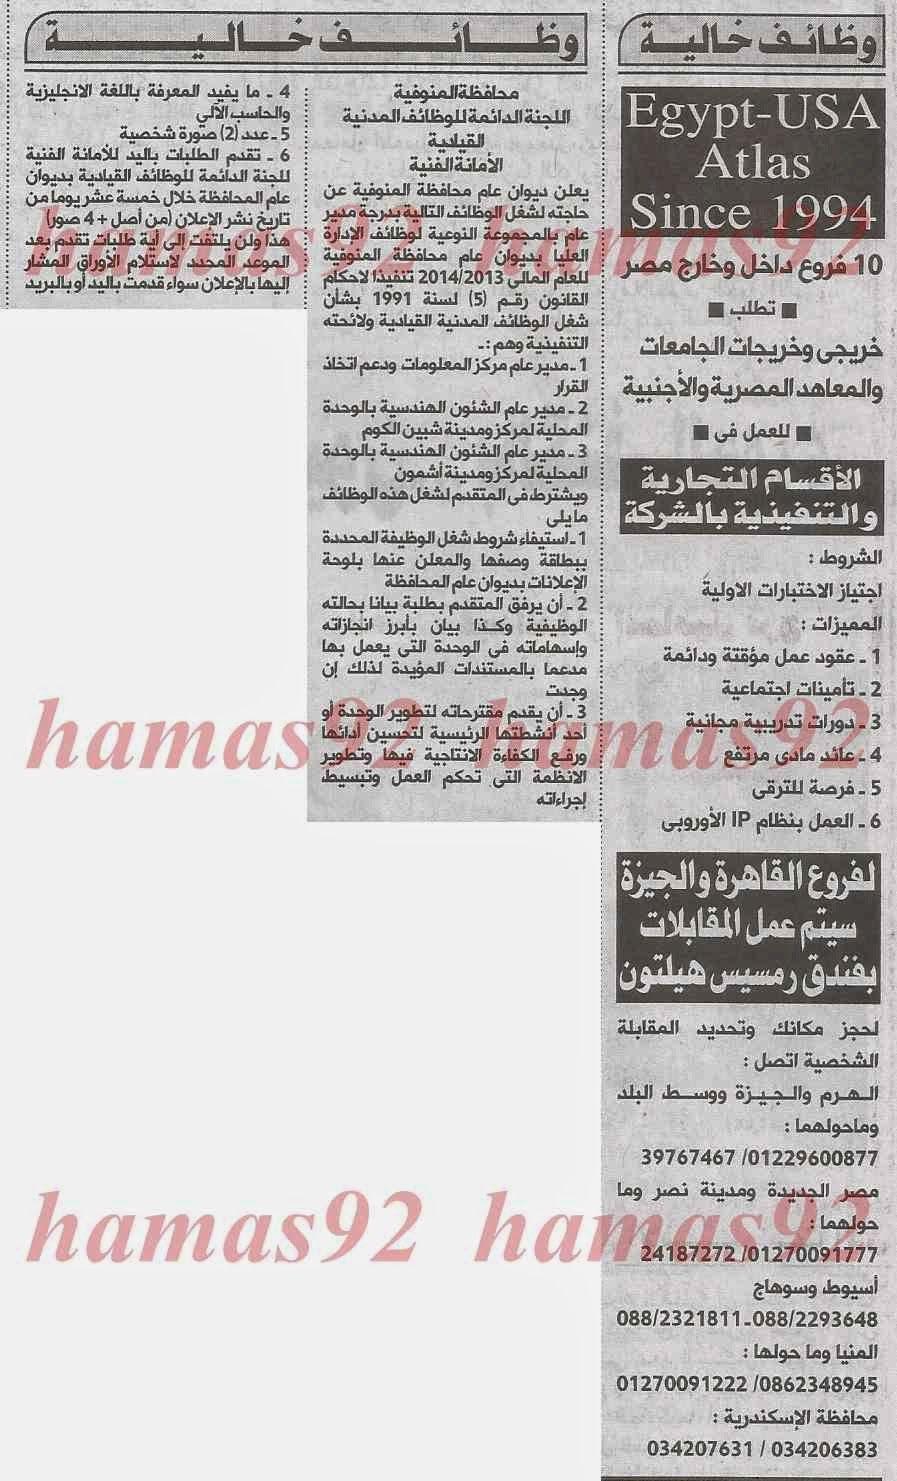 وظائف خالية مصرية وعربية وظائف خالية من جريدة الاهرام الاحد 27 04 2014 Bullet Journal Journal Egypt